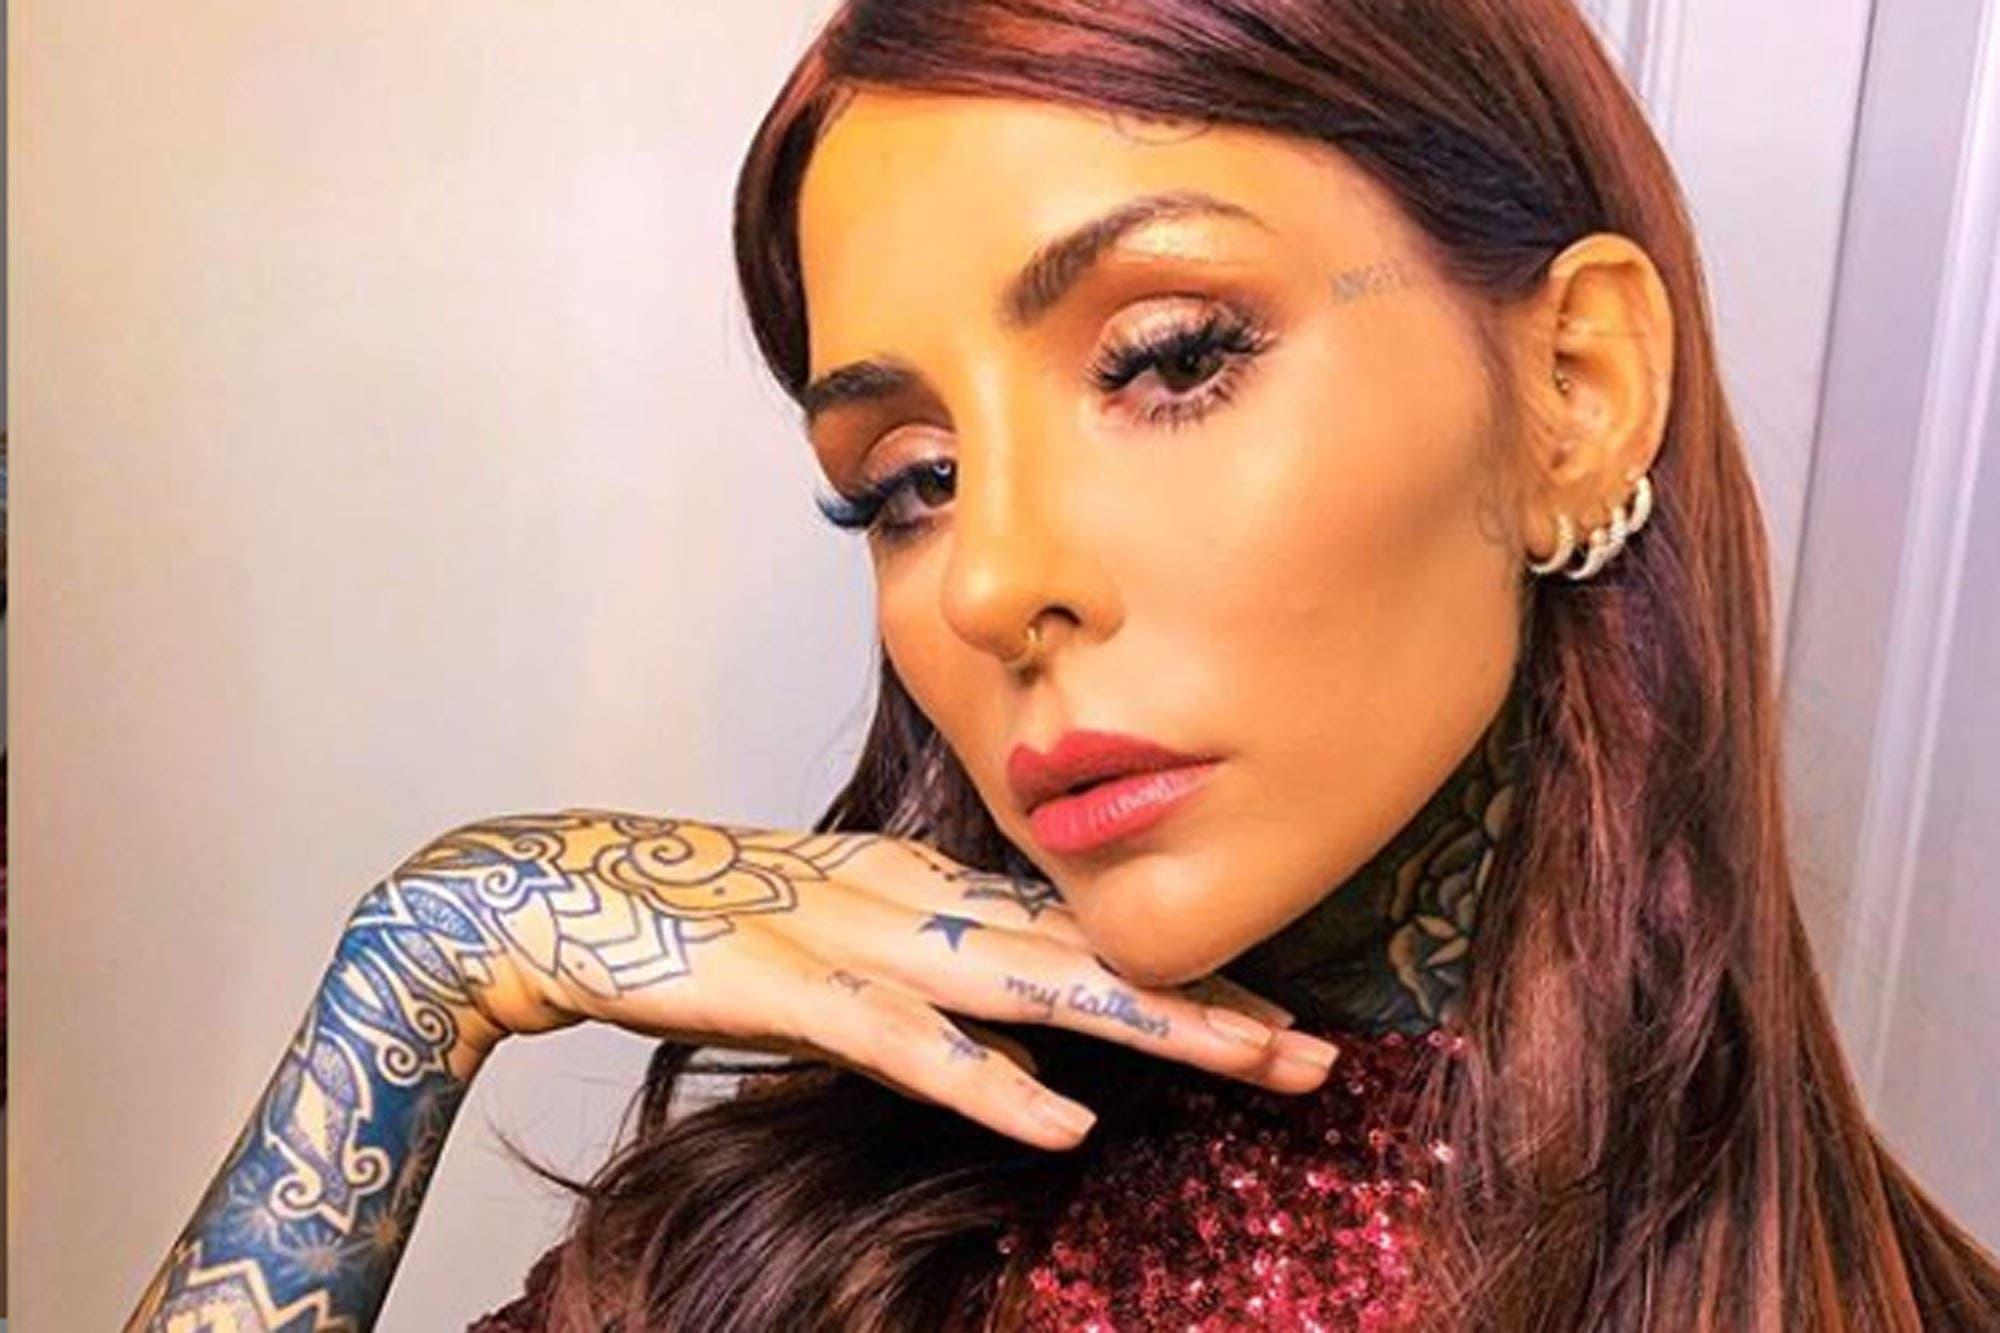 Actriz Porno Tatuada Y Rapada cambio de look: cande tinelli se animó al rapado y lo mostró